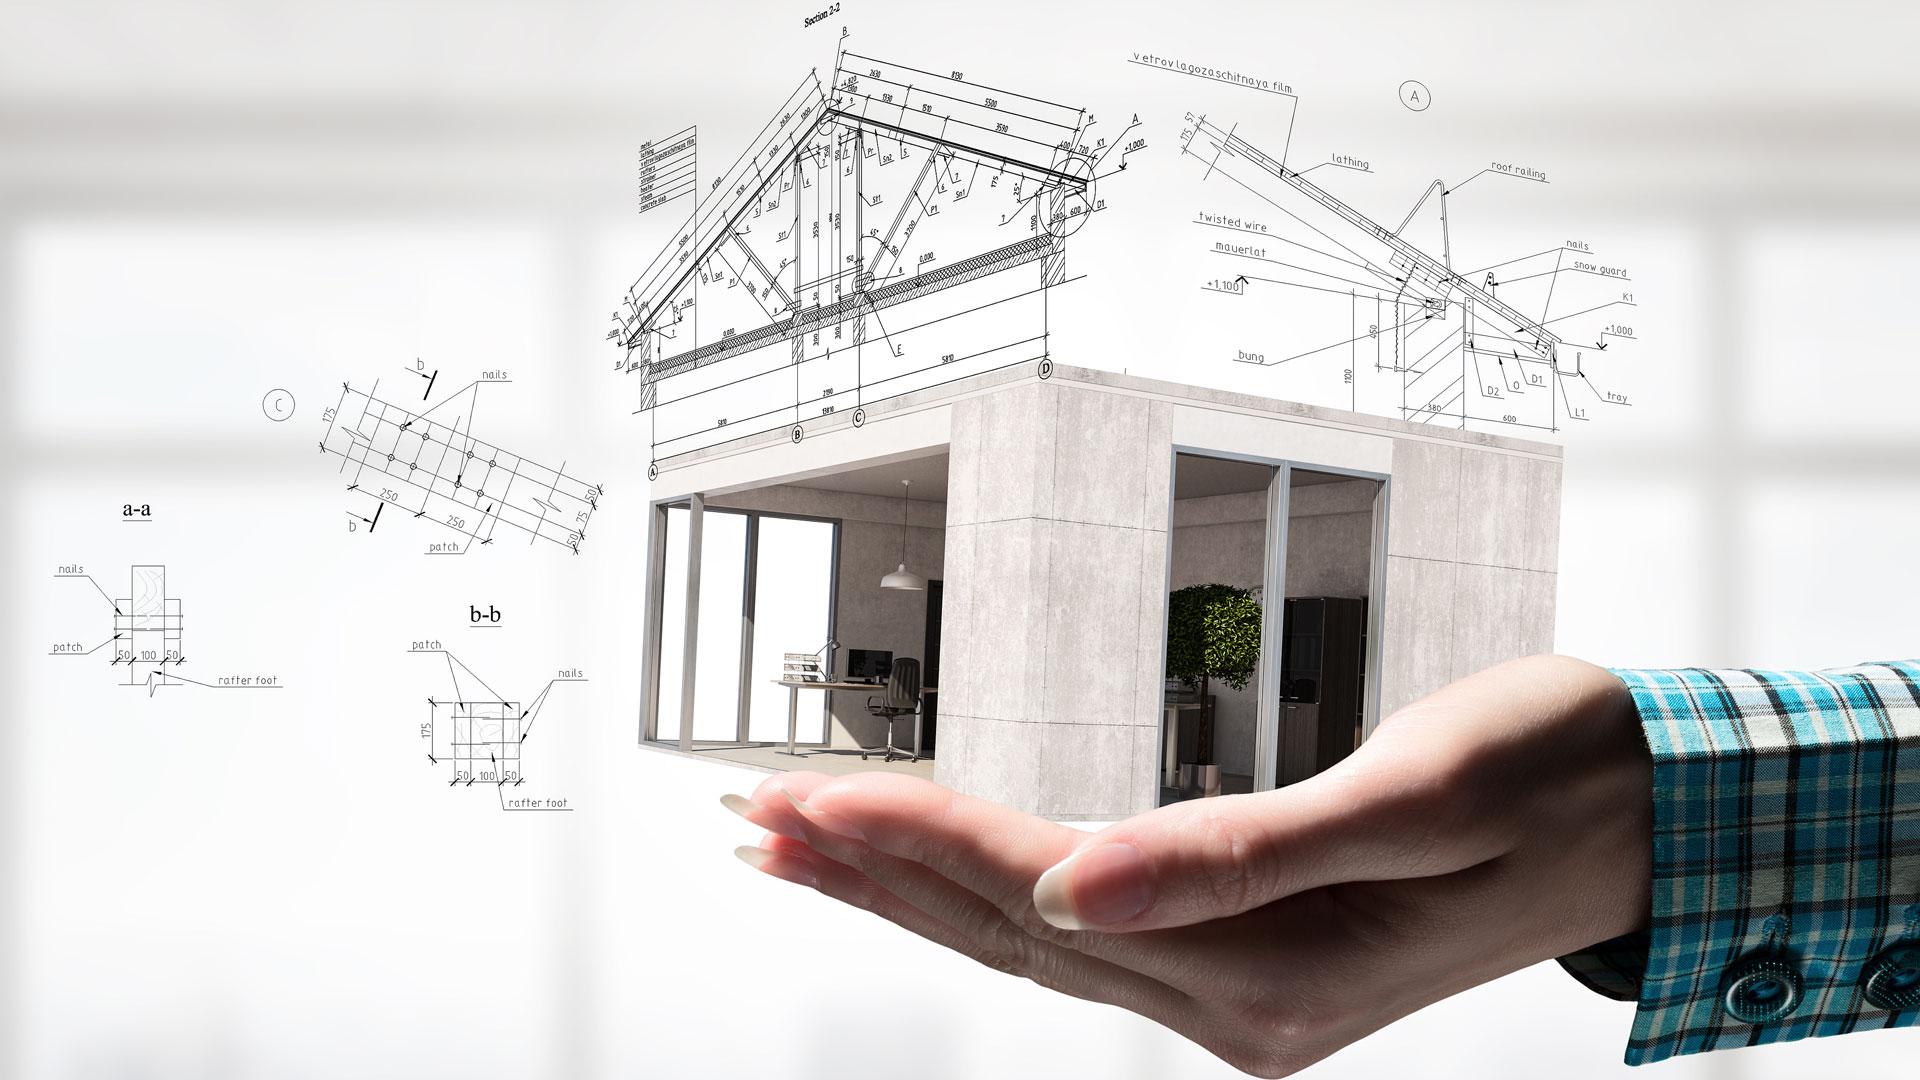 Ristrutturazione casa: da dove cominciare